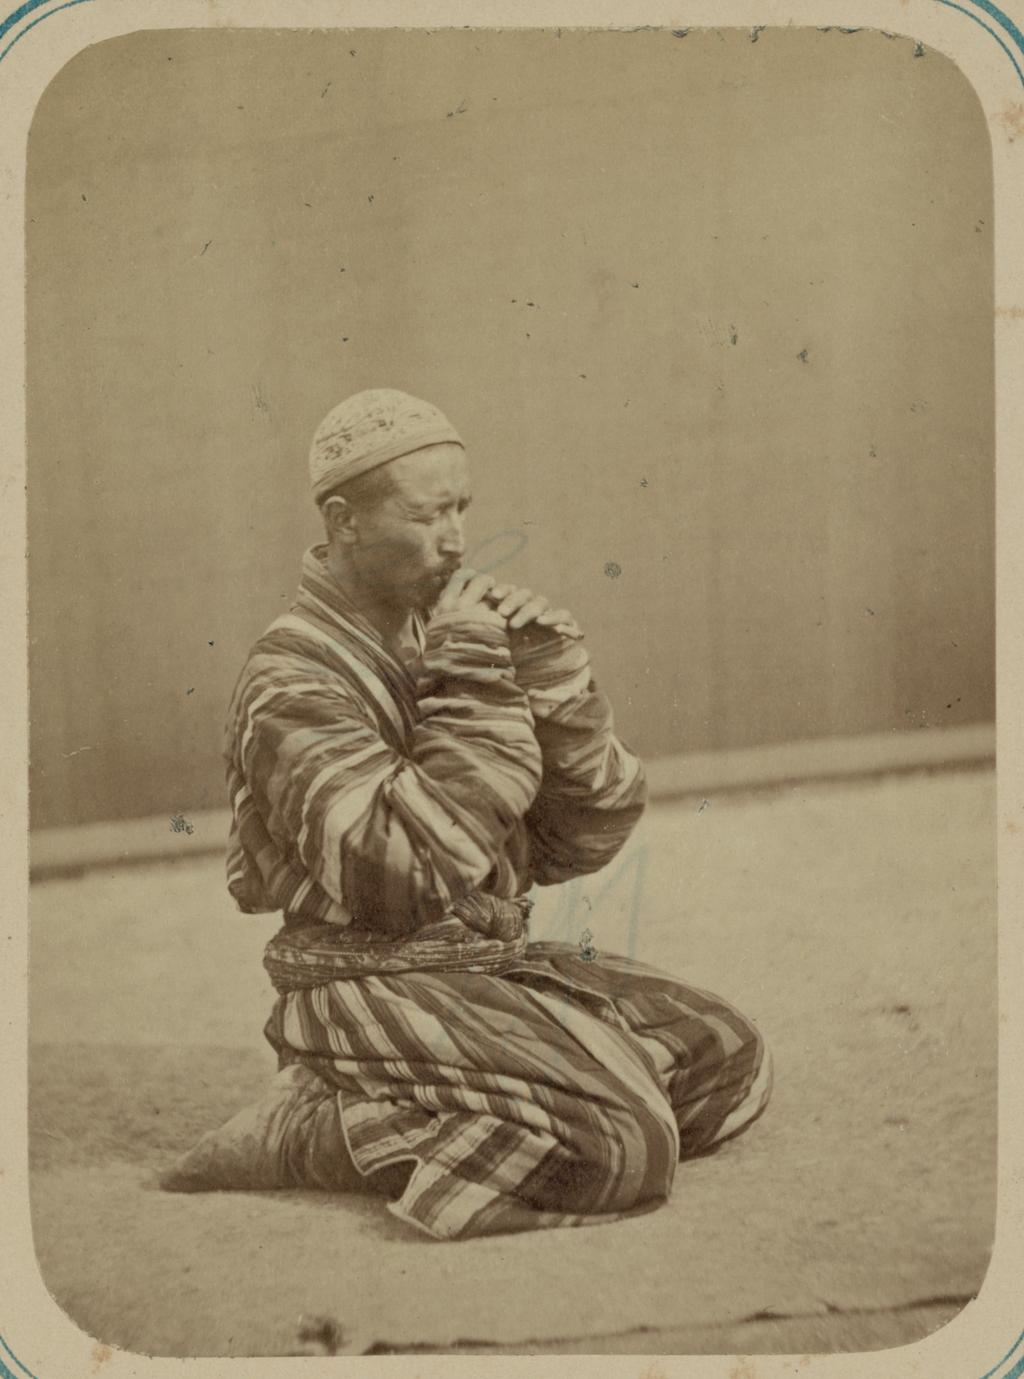 Музыканты. Мужчина за игрой на зурне – небольшом инструменте, напоминающем флейту